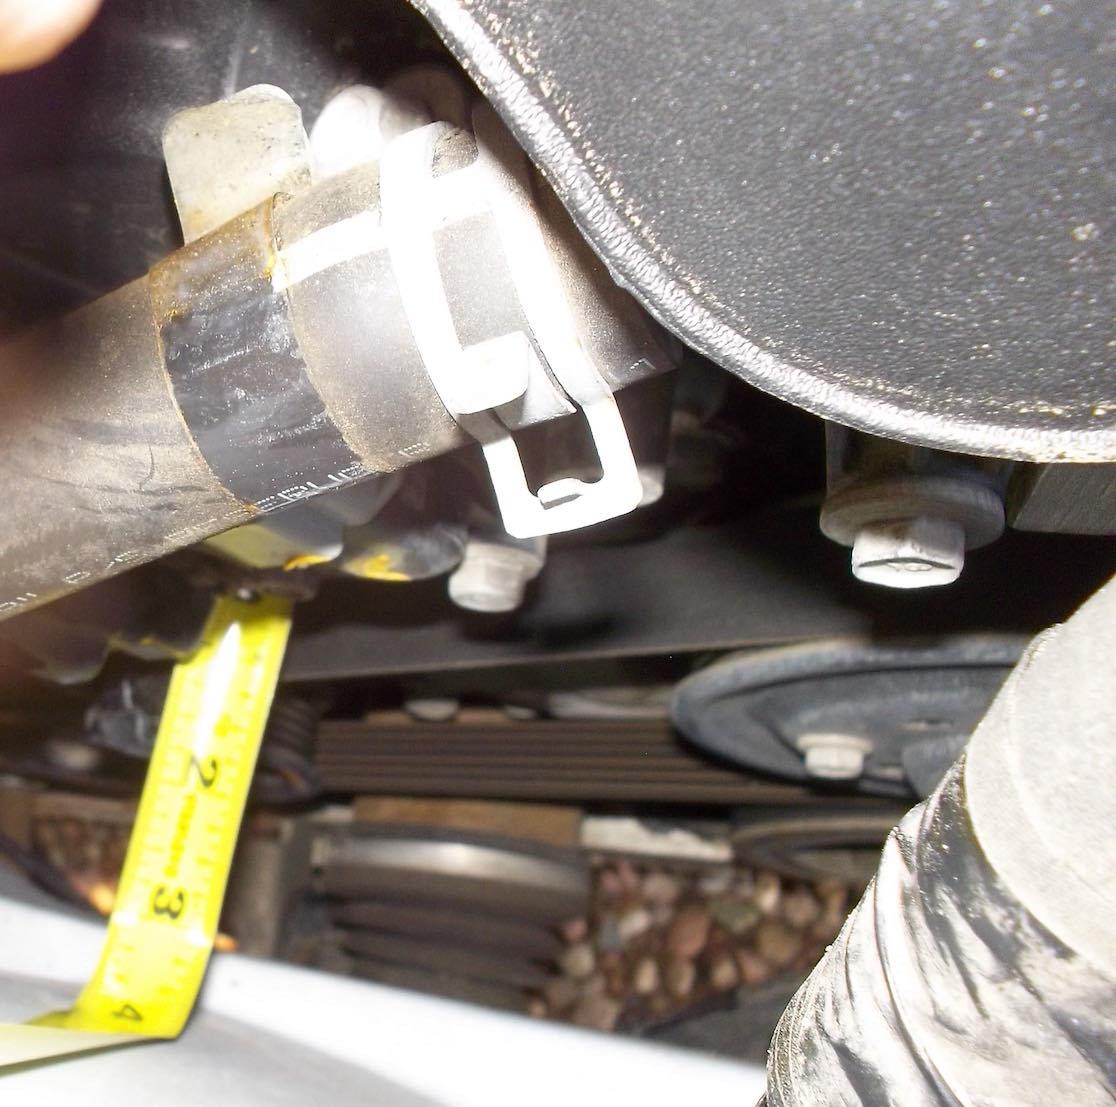 P0014 2012 3 6l - Chevy Impala Forums